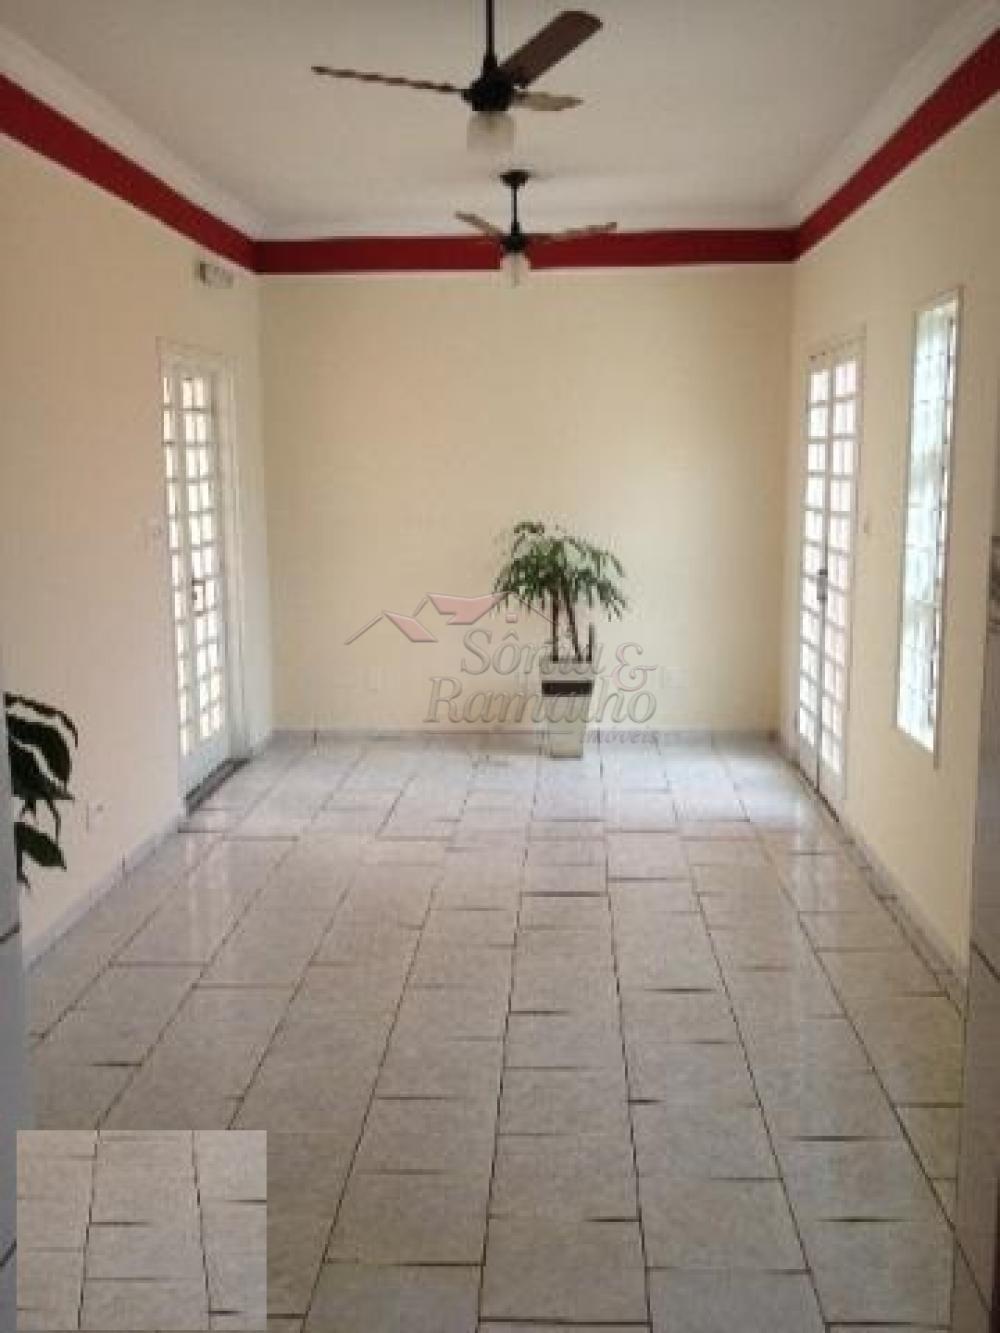 Comprar Casas / Condomínio em Ribeirão Preto apenas R$ 270.000,00 - Foto 3